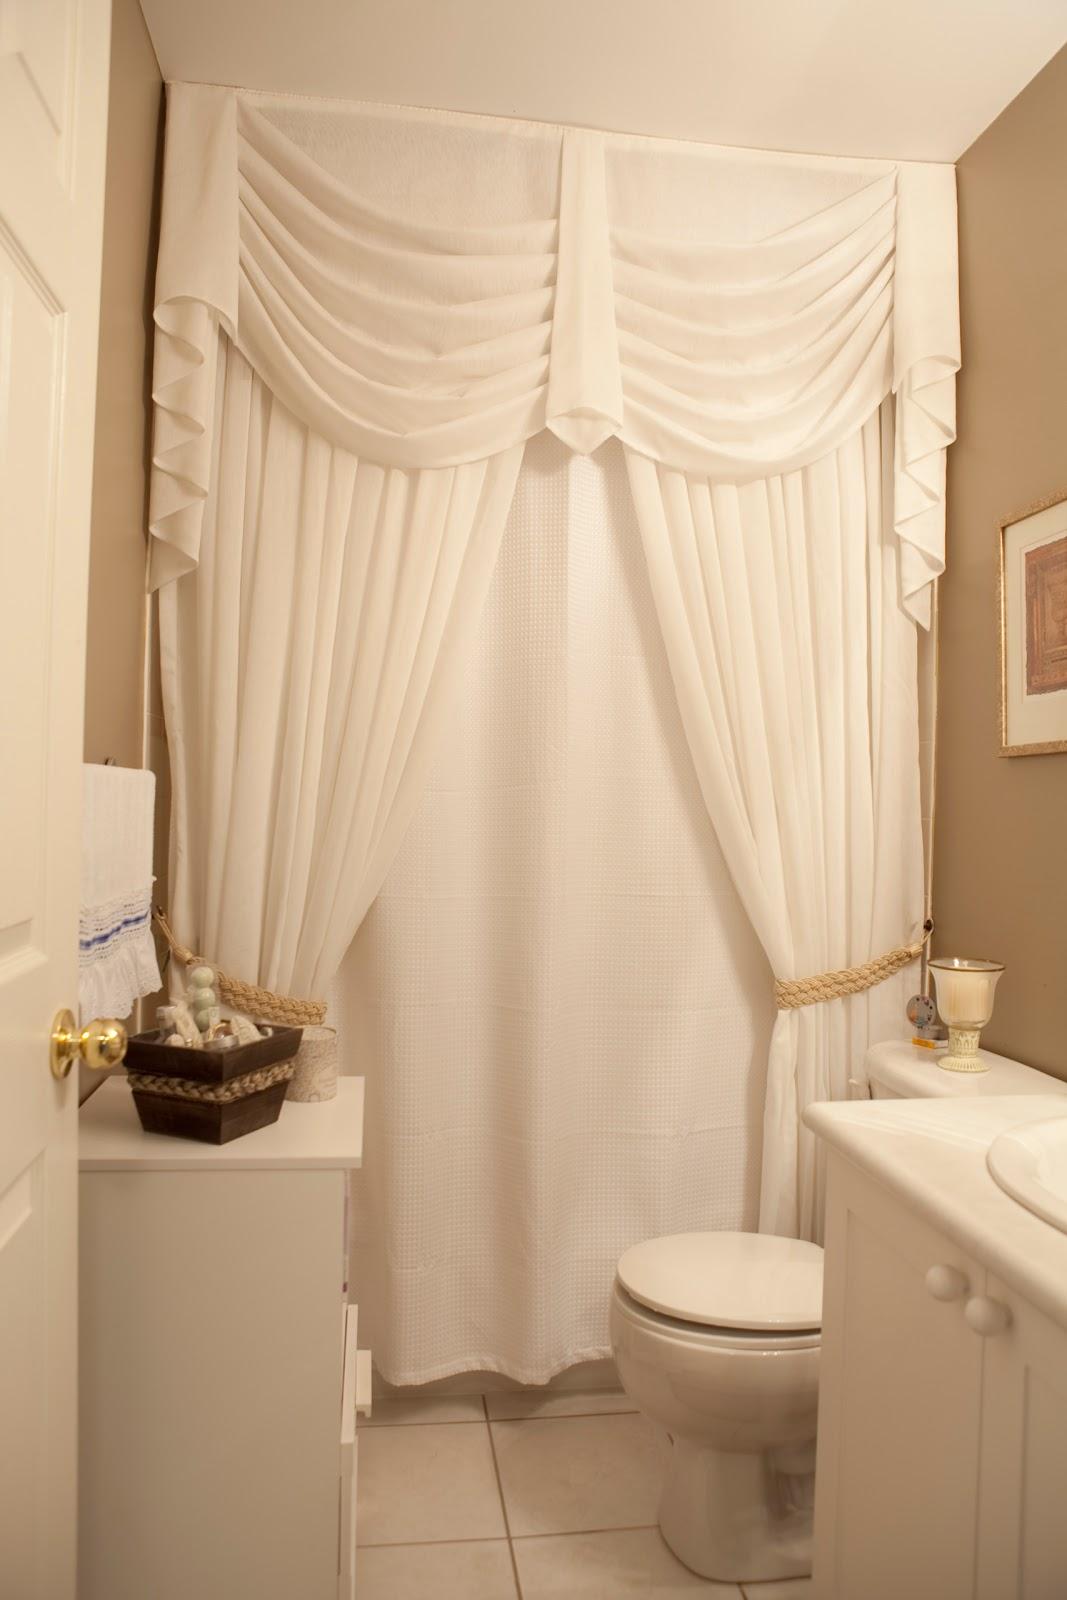 Arro Decor: Cortina para el baño